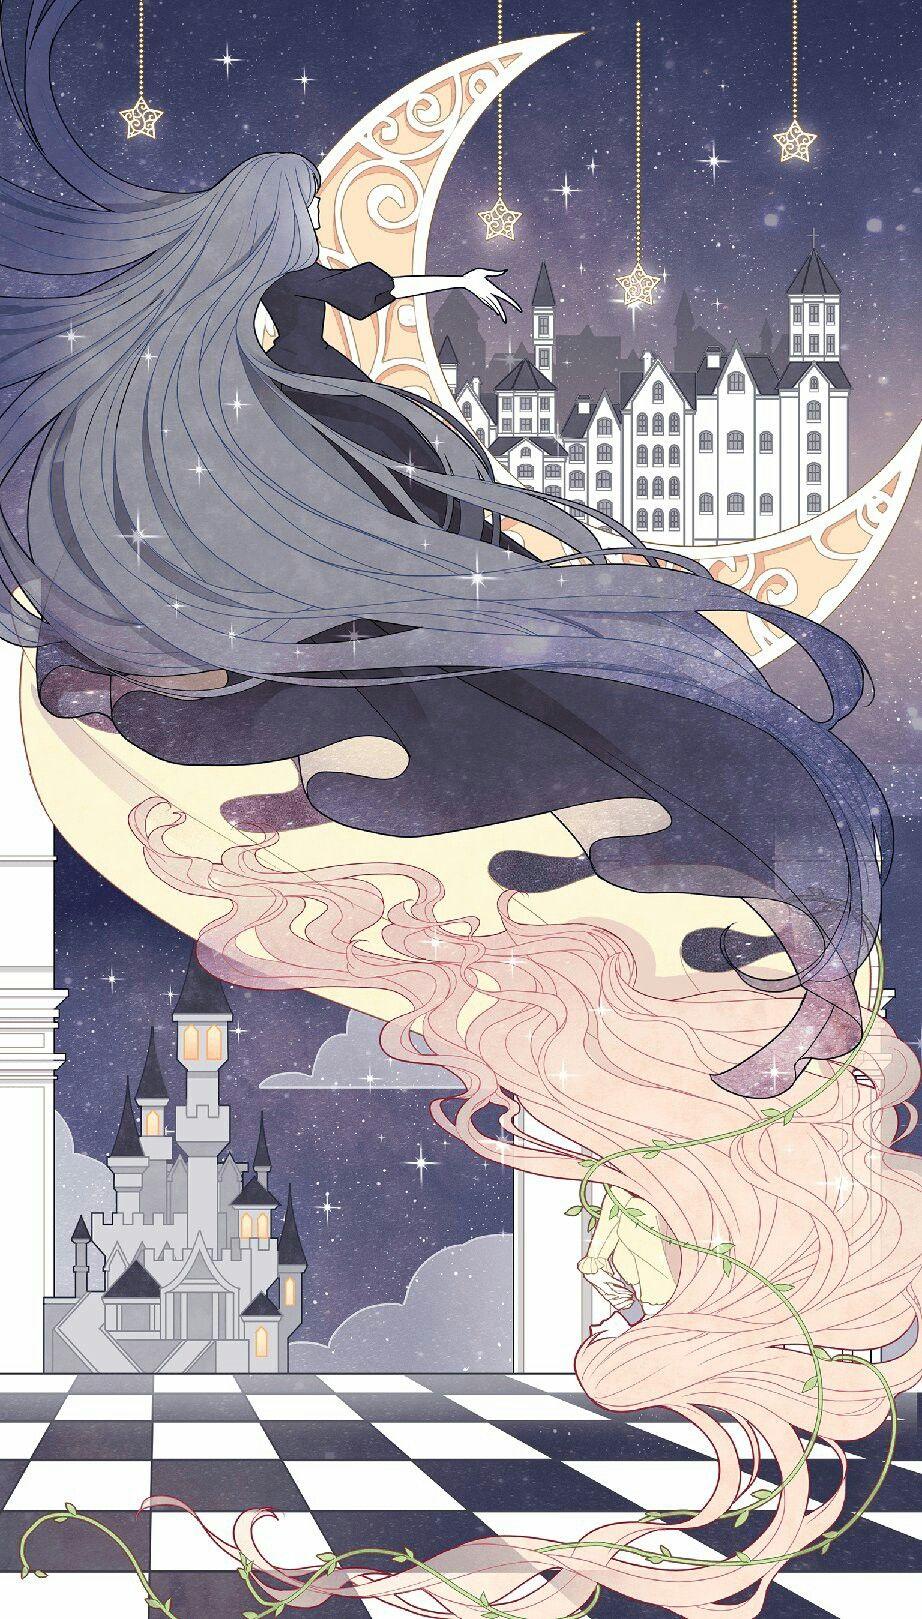 Cre Love Nikki Dress Up Queen Karya Seni Fantasi Ilustrasi Seni Anime